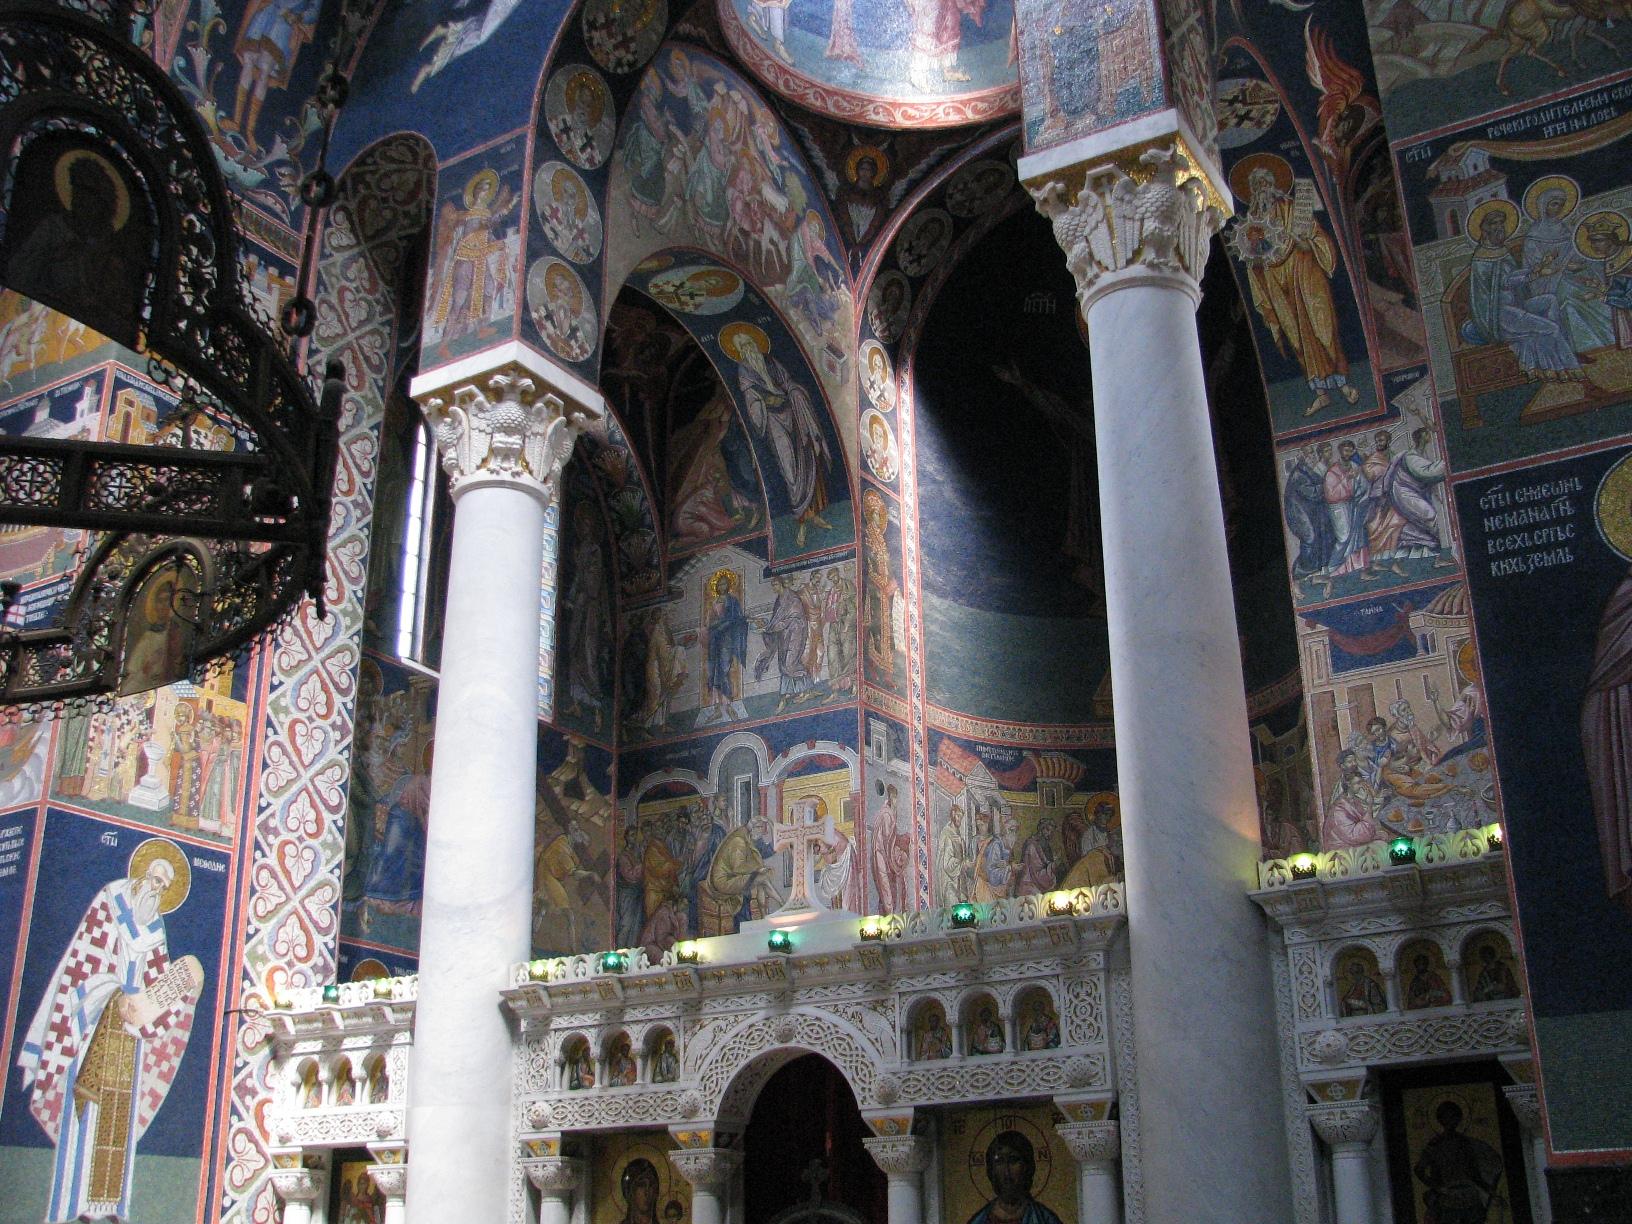 36_-_unutrasnjost_crkve_svetog_djordja